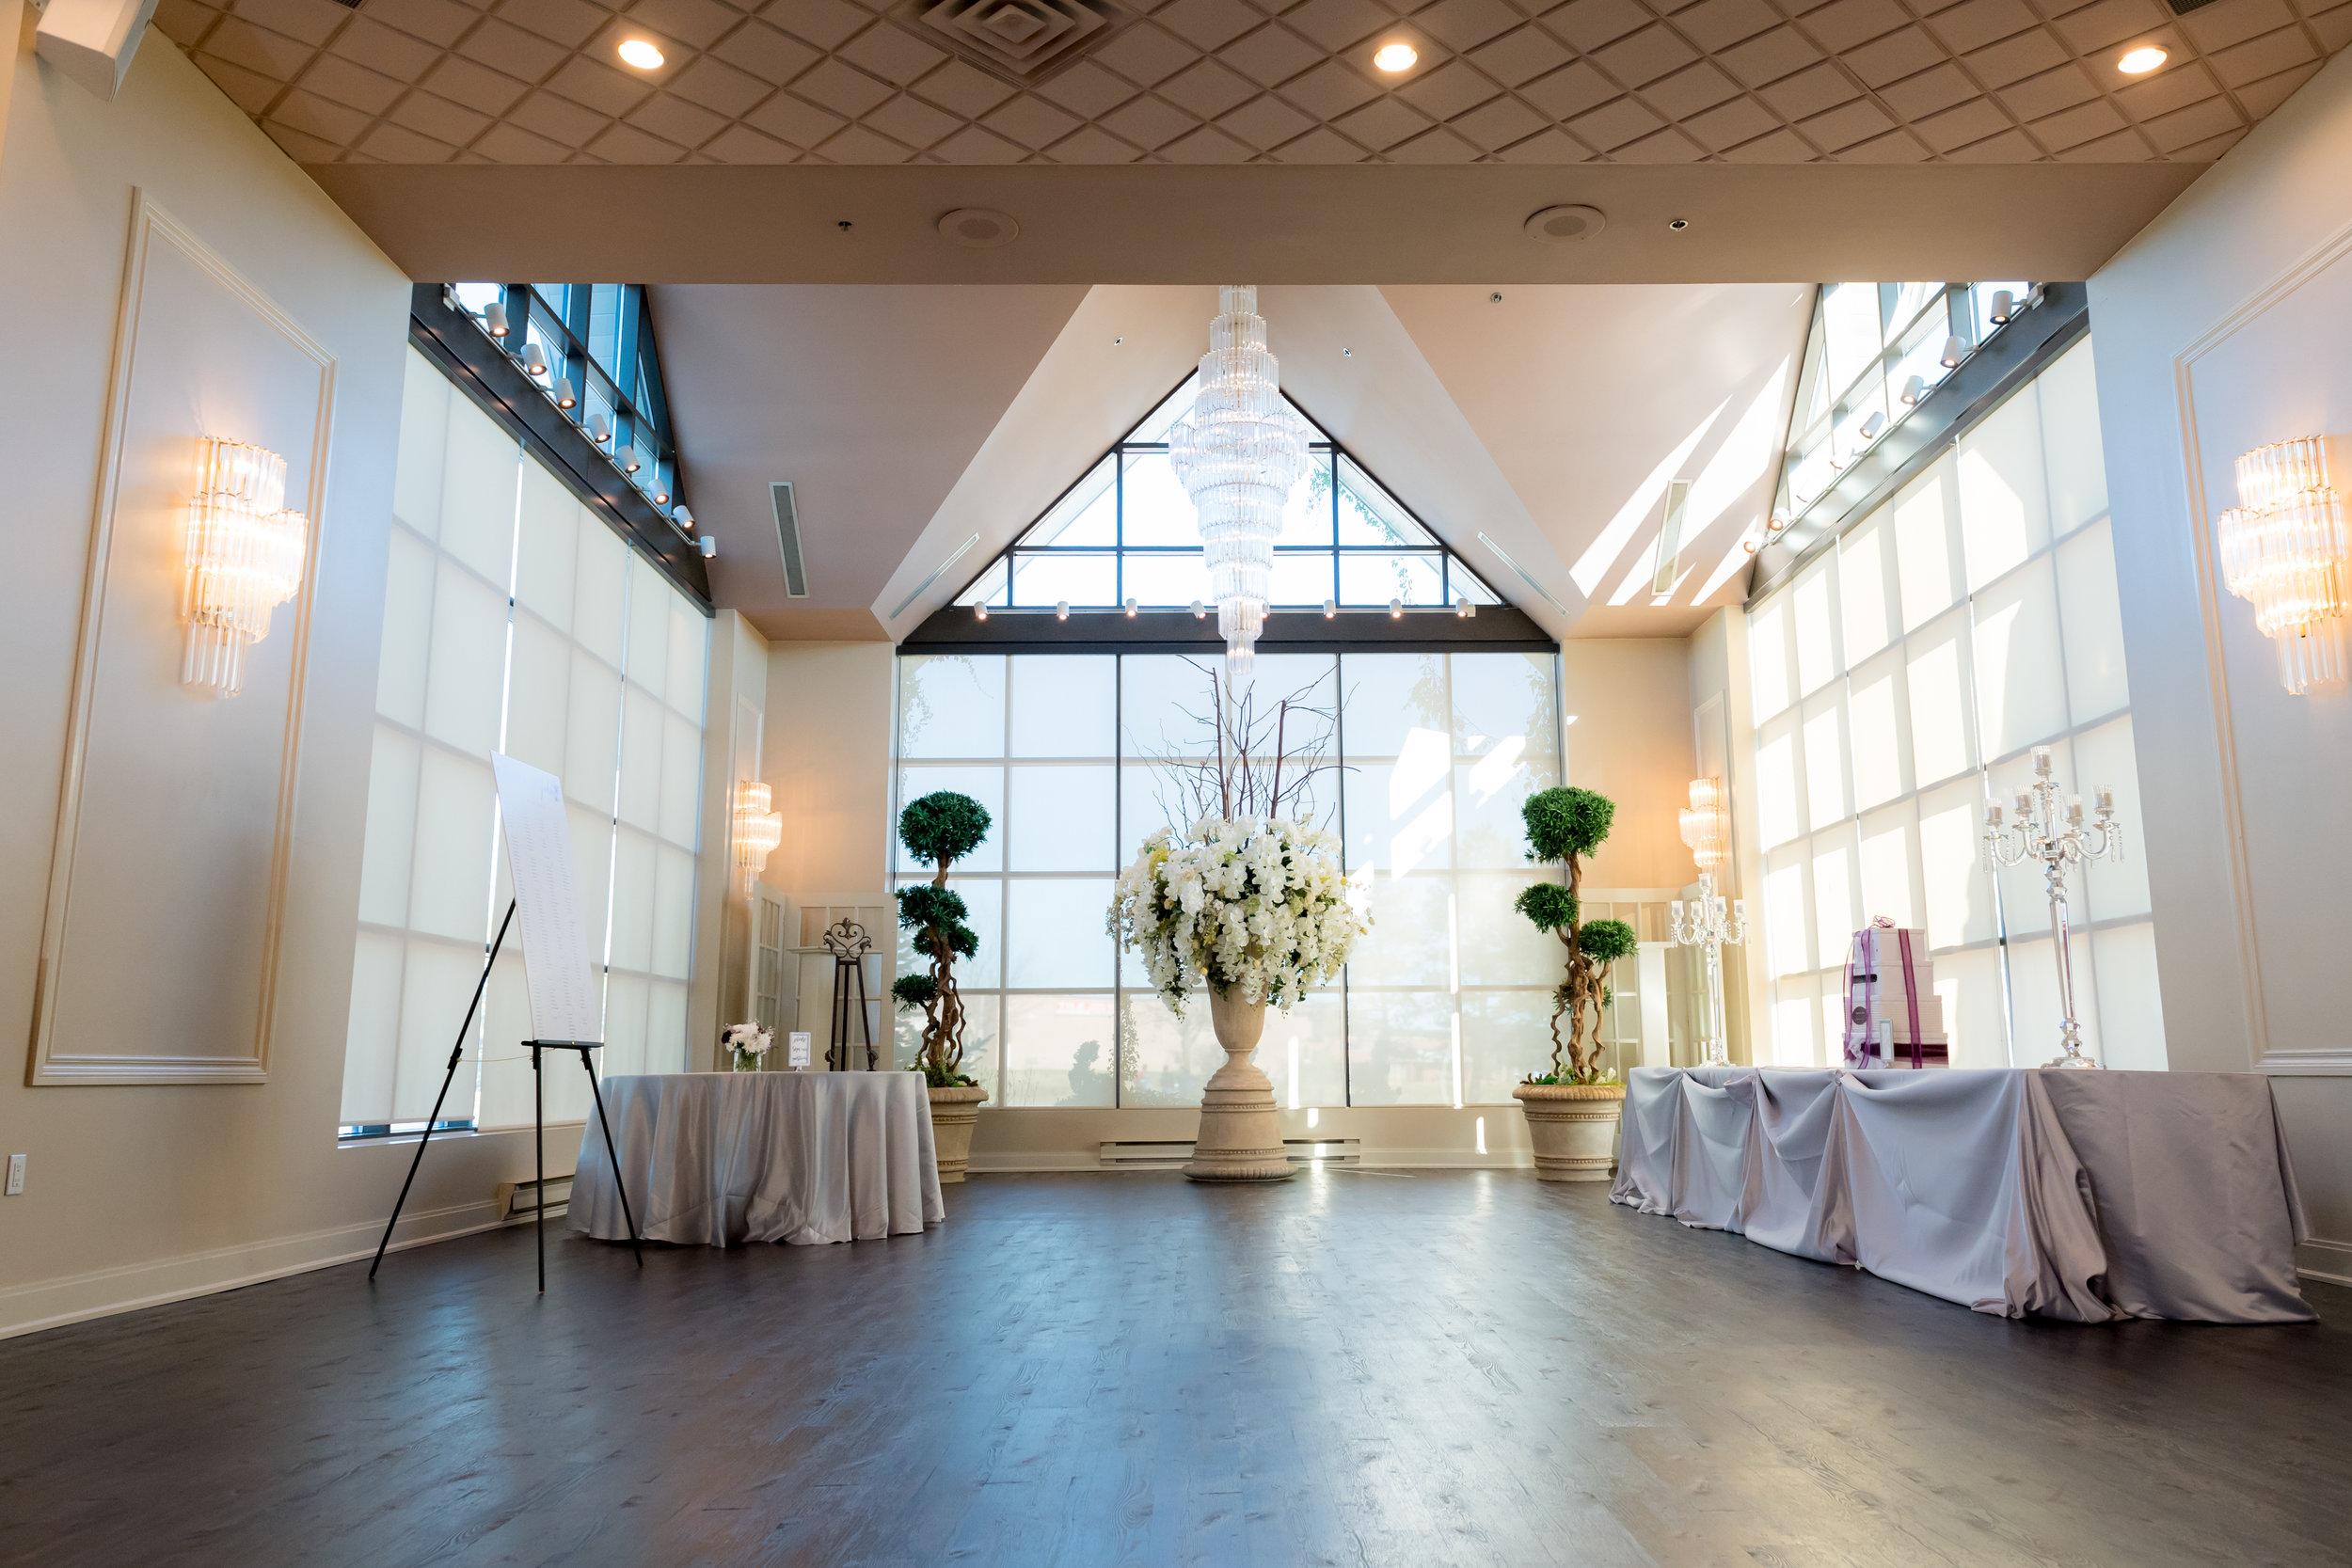 mississauga-banquet-halls-venue-venues